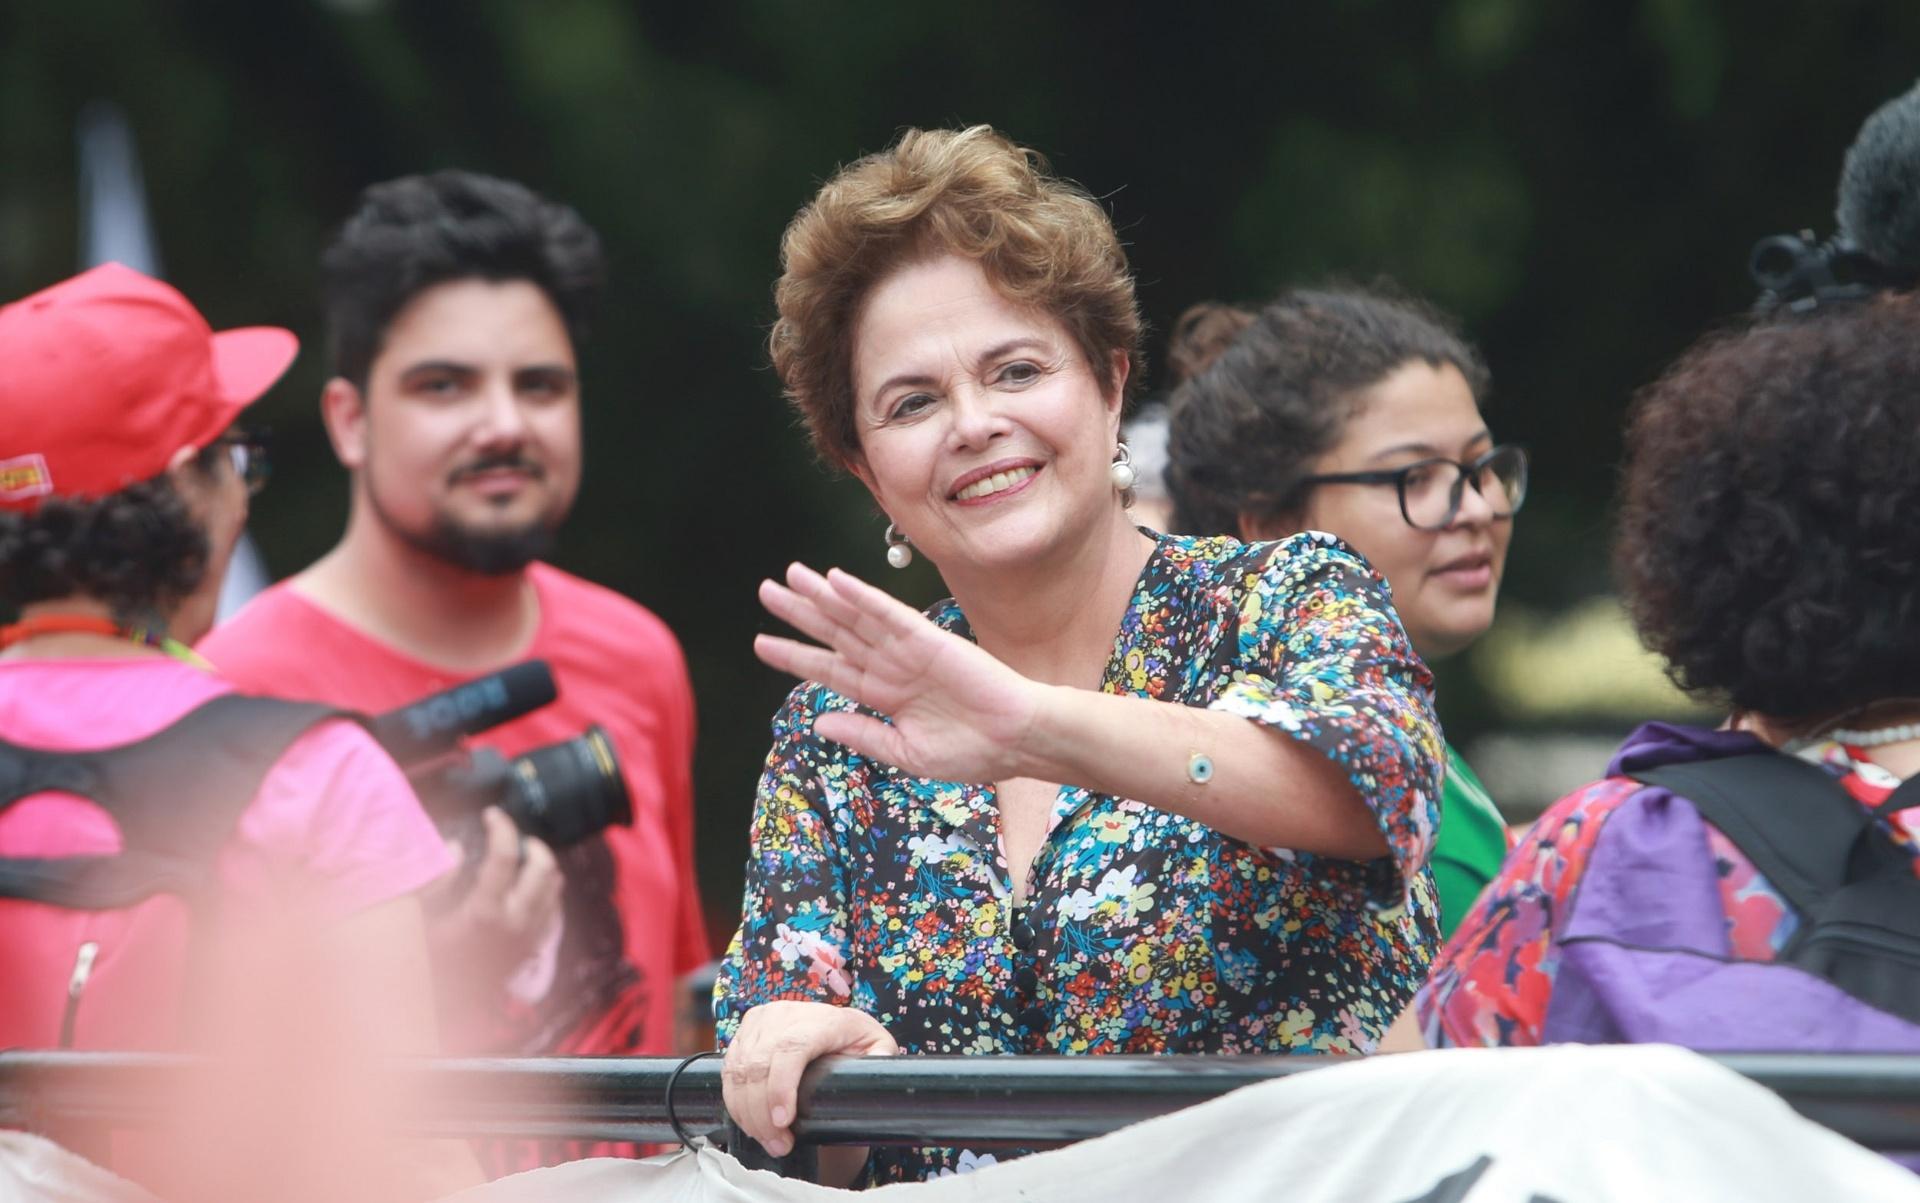 23.jan.2018 -  A ex-presidente, Dilma Rousseff, durante ato promovido pelas mulheres do Partido dos Trabalhadores em defesa do ex- presidente Luiz Inácio Lula da Silva no Centro Histórico de Porto Alegre